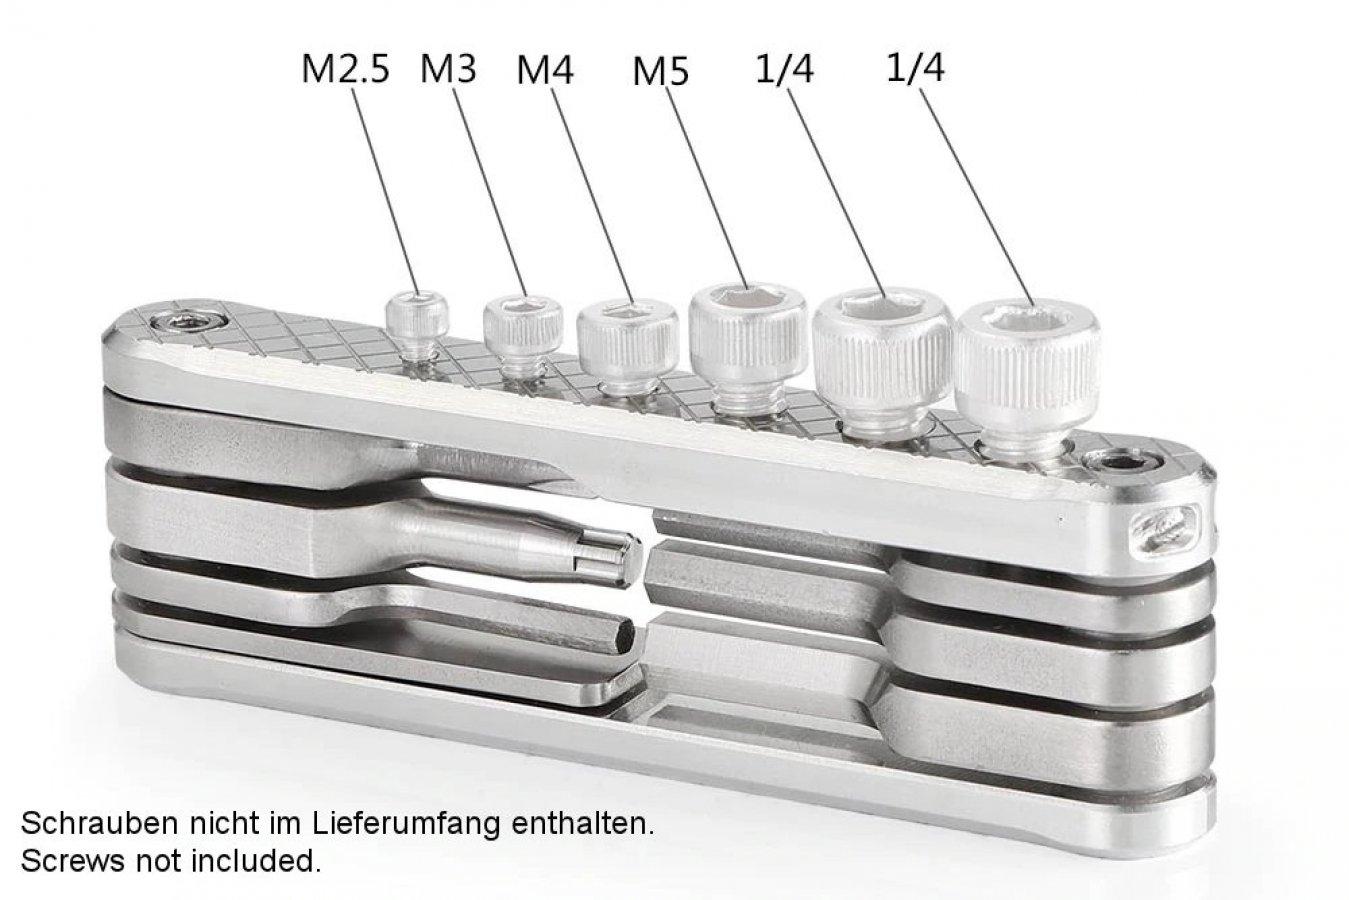 SmallRig 2213 ausklappbares Multi-Werkzeug für Schrauben Foto Nr. 2